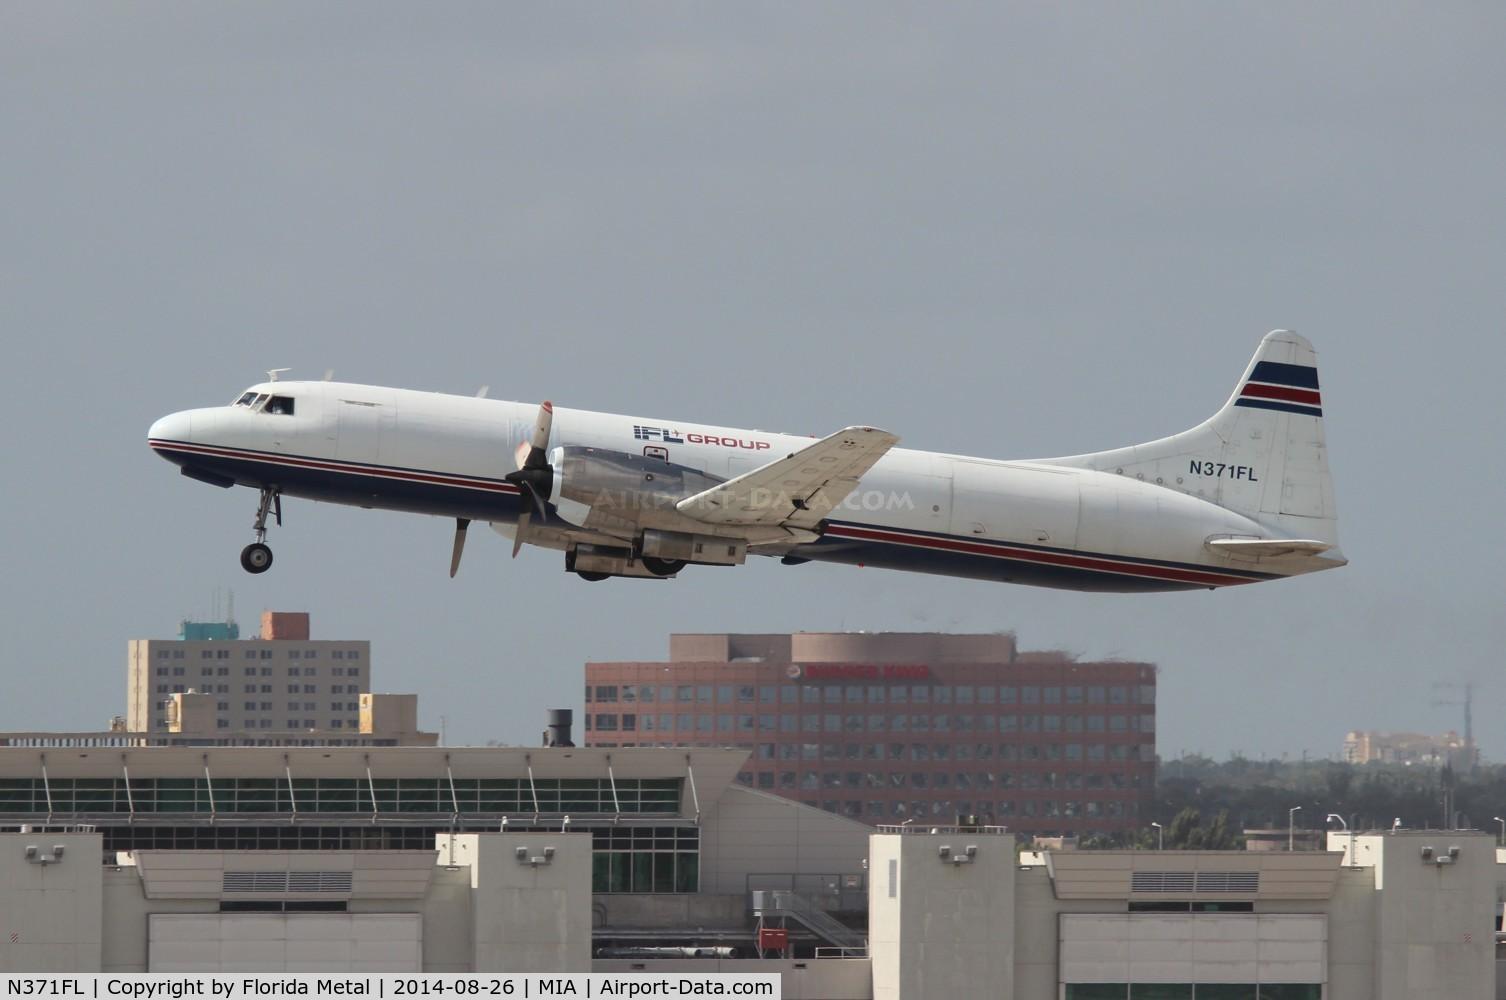 N371FL, 1956 Convair 580 C/N 309, IFL Convair 5800